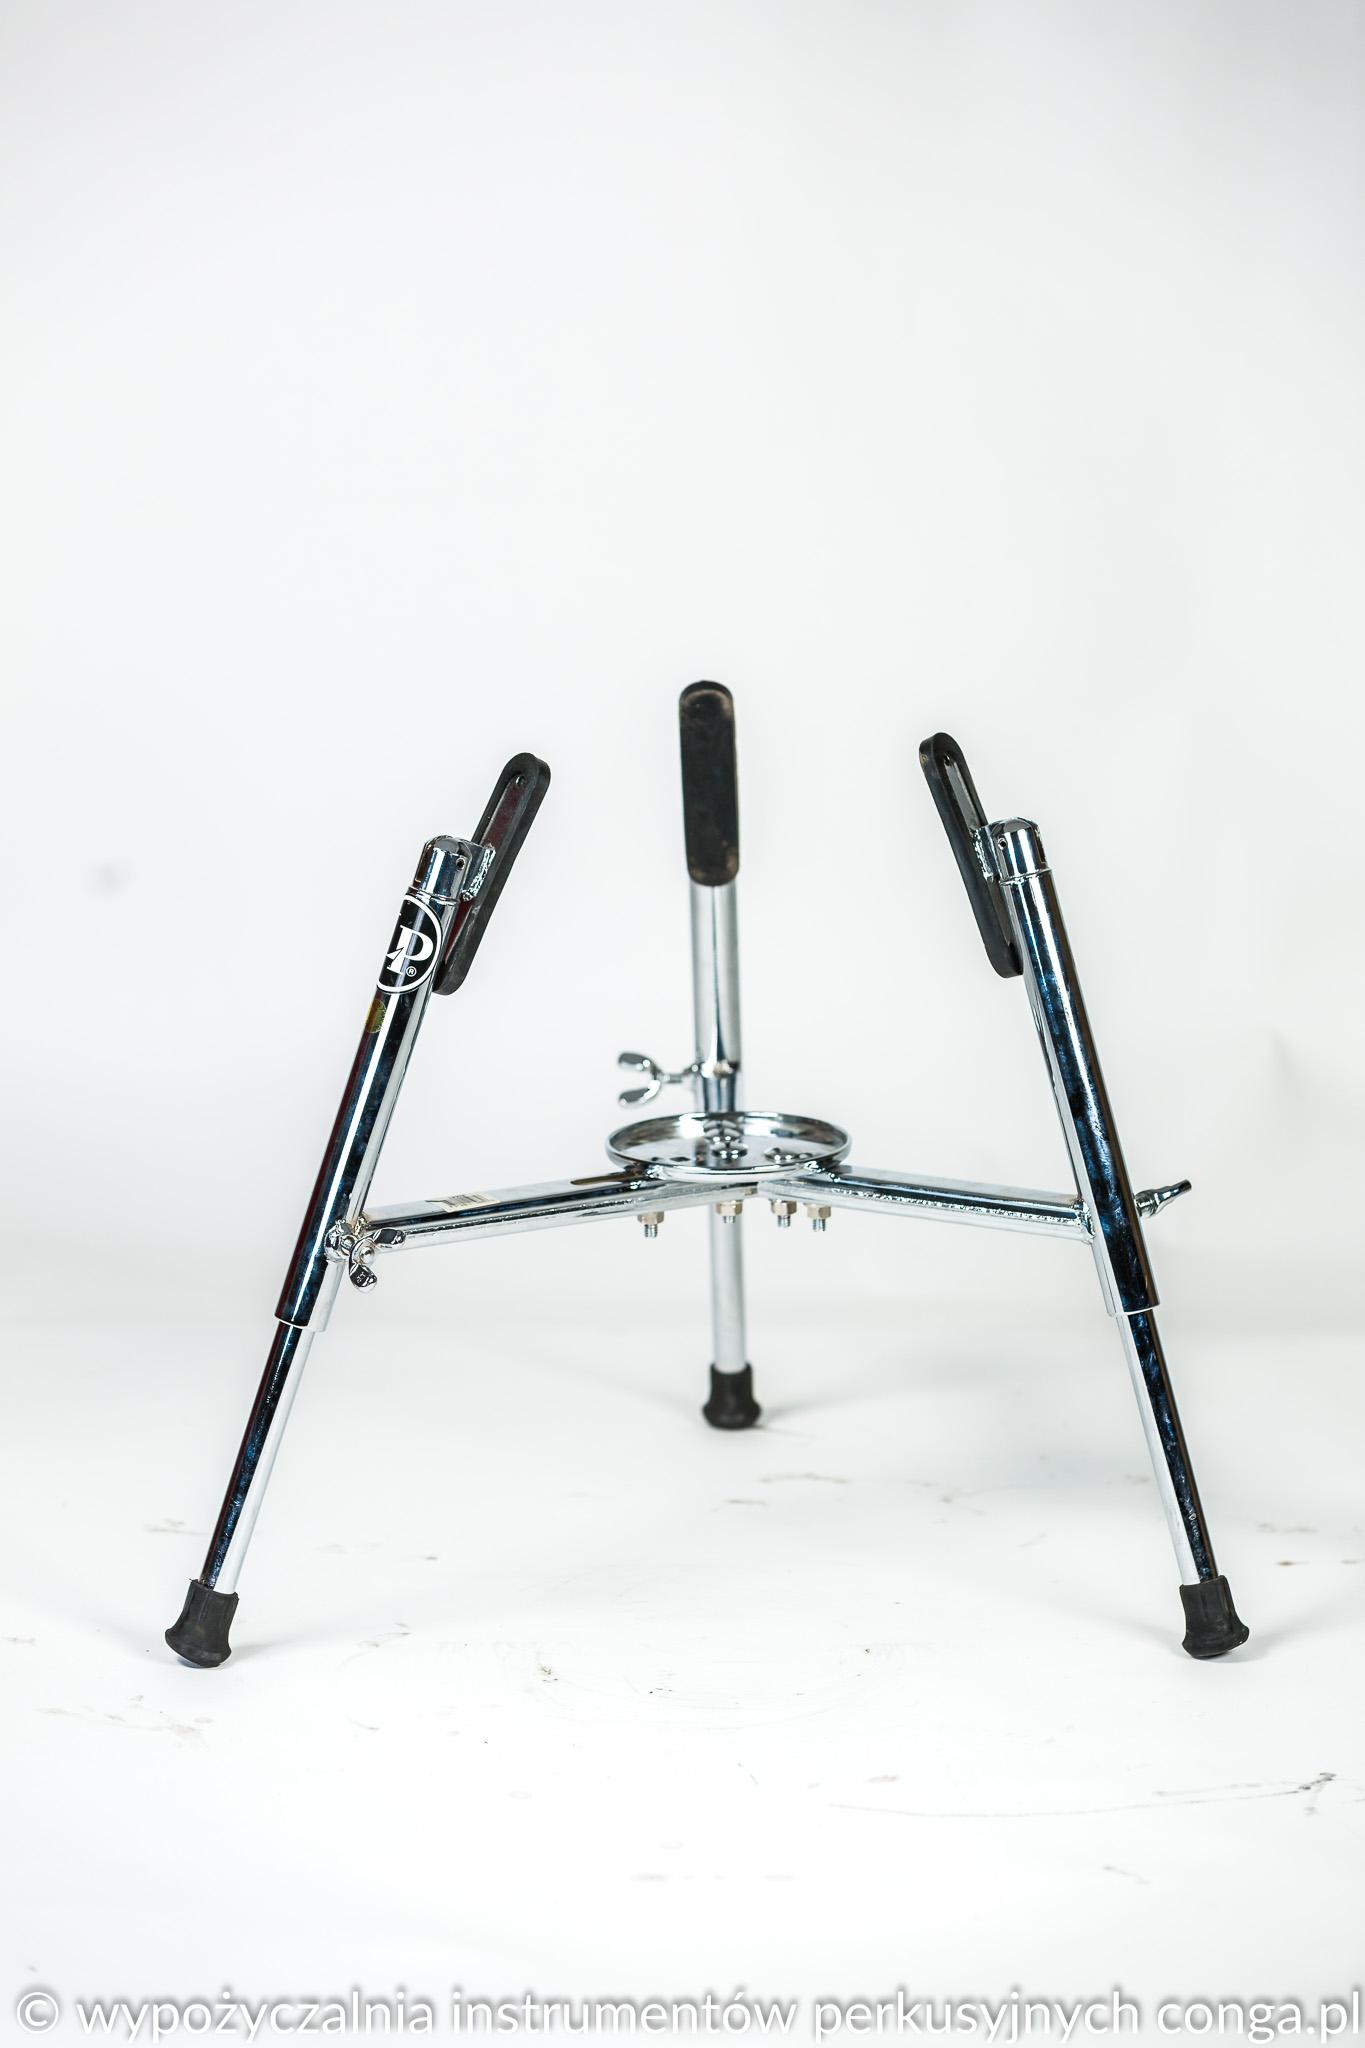 LP278-SUPER-CONGA-STAND-wypożyczalnia-instrumentów-perkusyjnych-congapl.CR2-0093.jpg